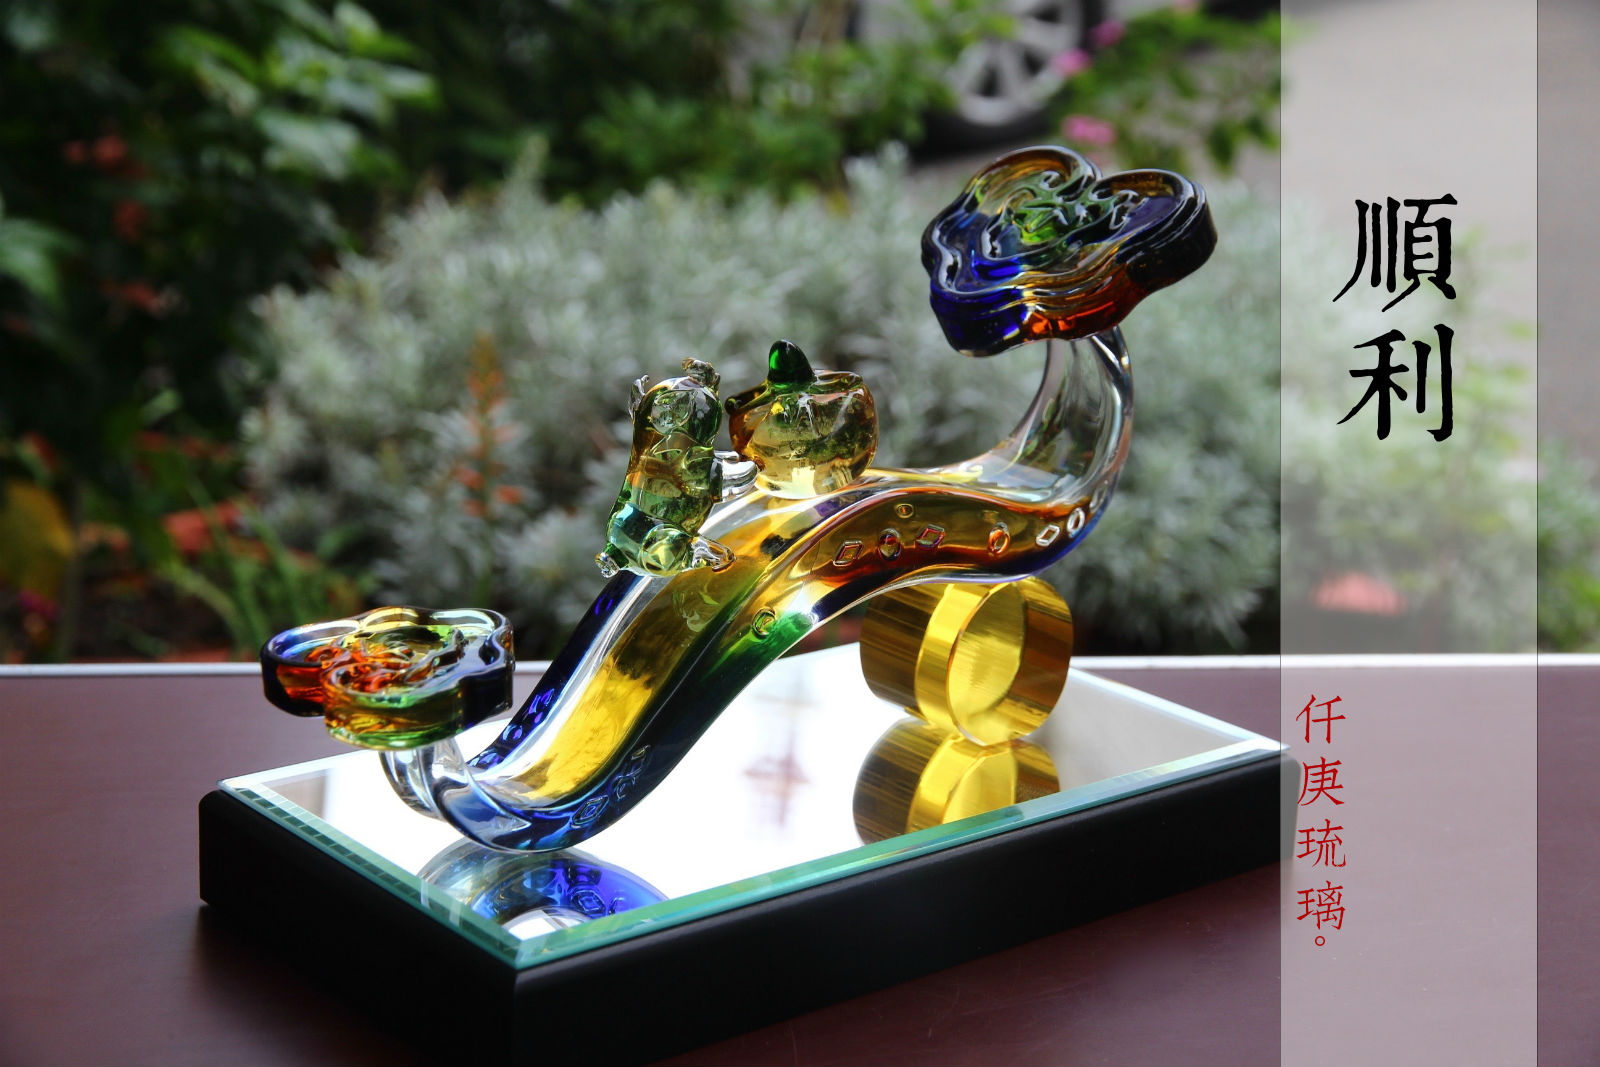 仟庚琉璃 手工水晶玻璃諸事如意 文鎮 送禮 祝福 祝賀